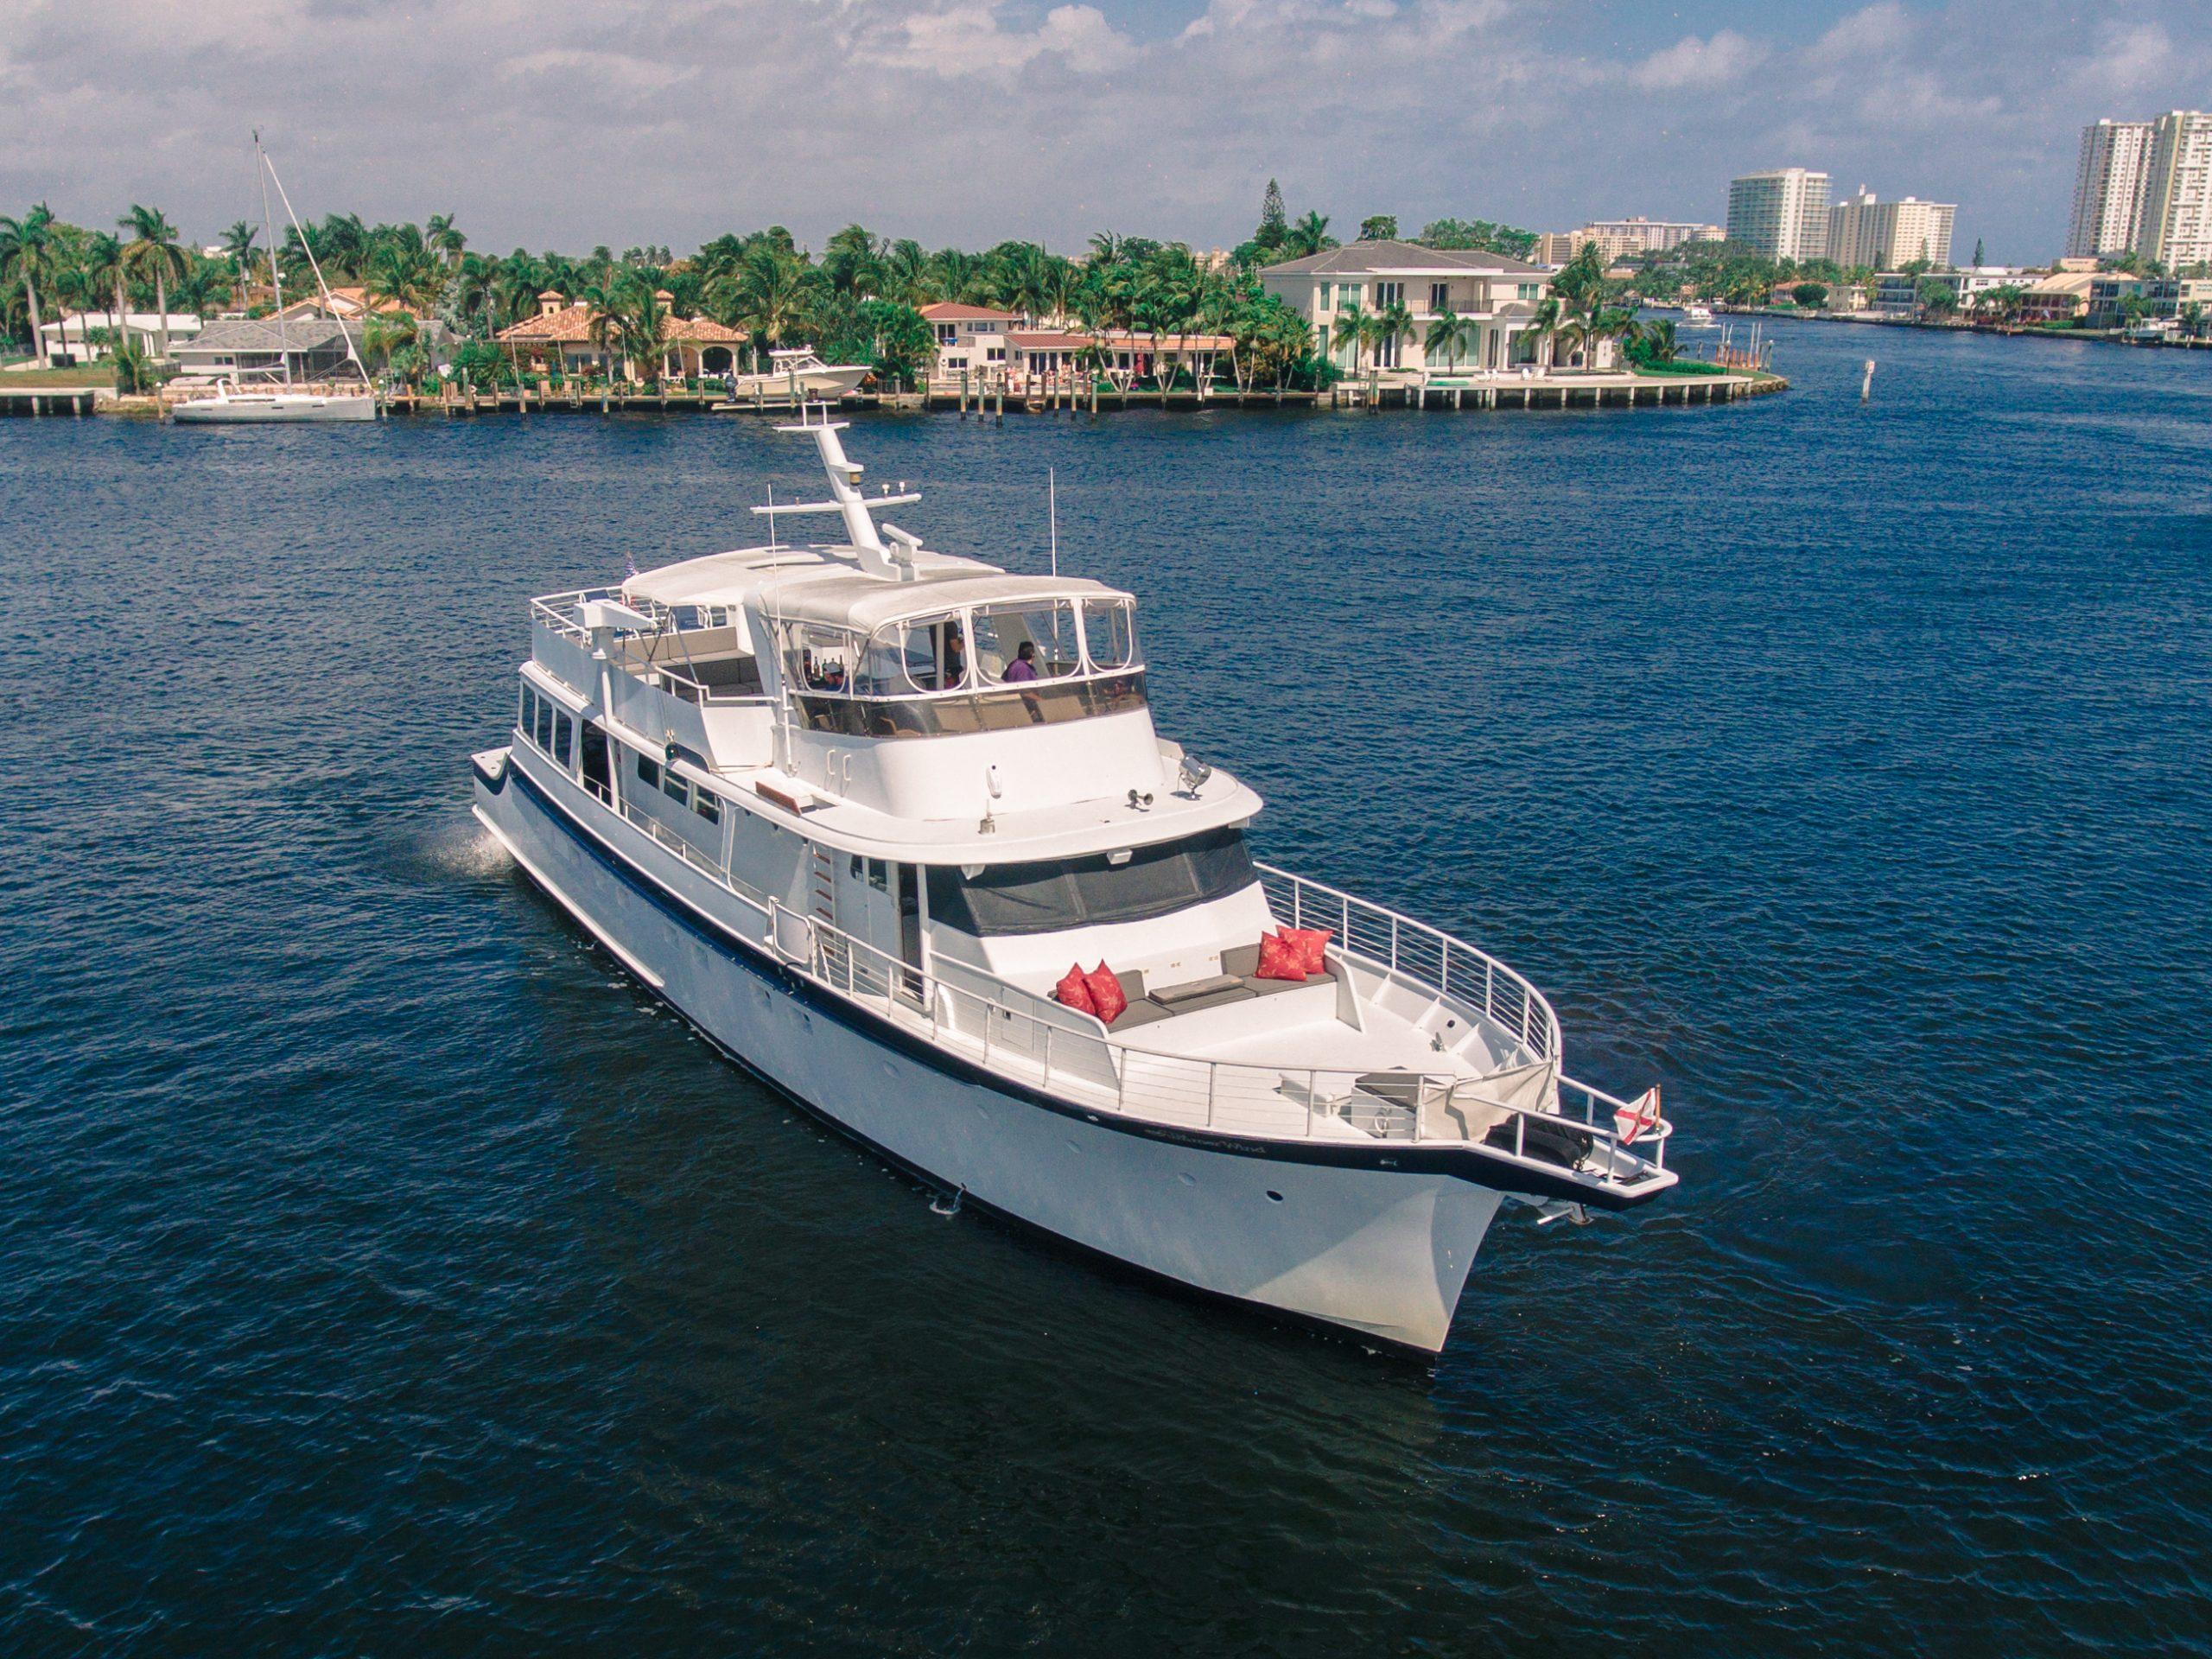 family boat ride in Miami